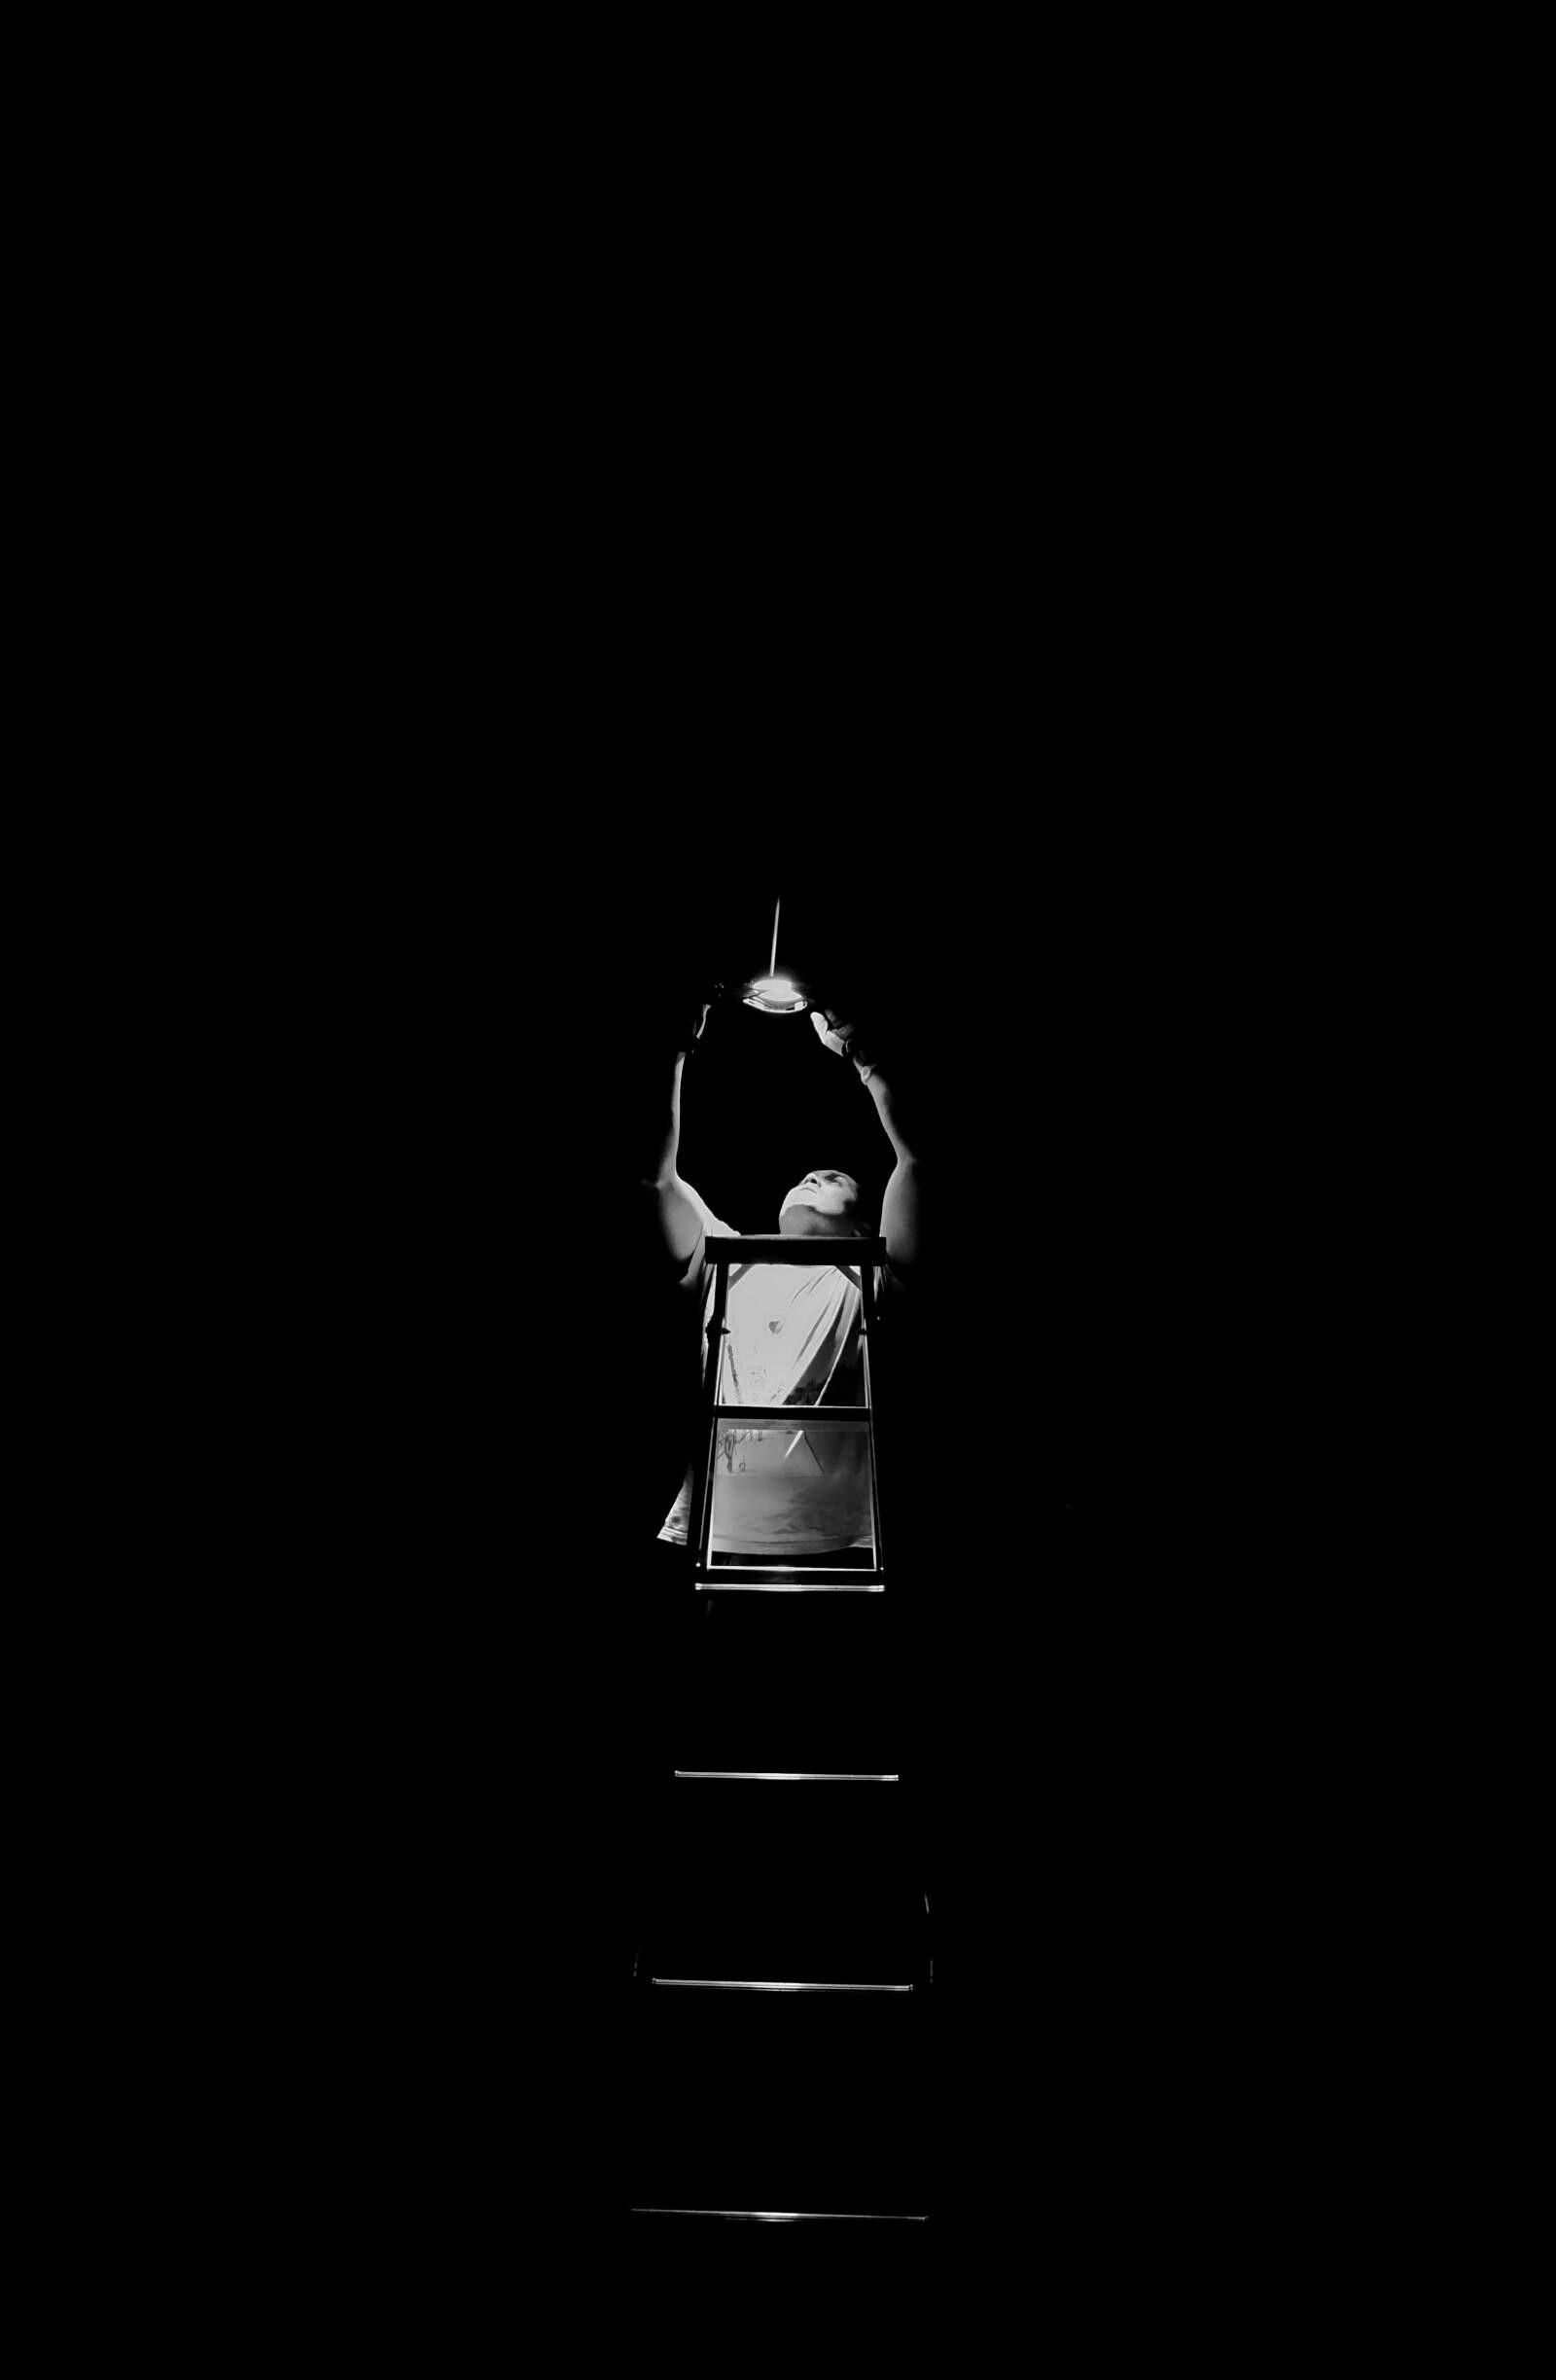 30 خلفية Oled سوداء جميلة للهواتف الذكية تيك فويس